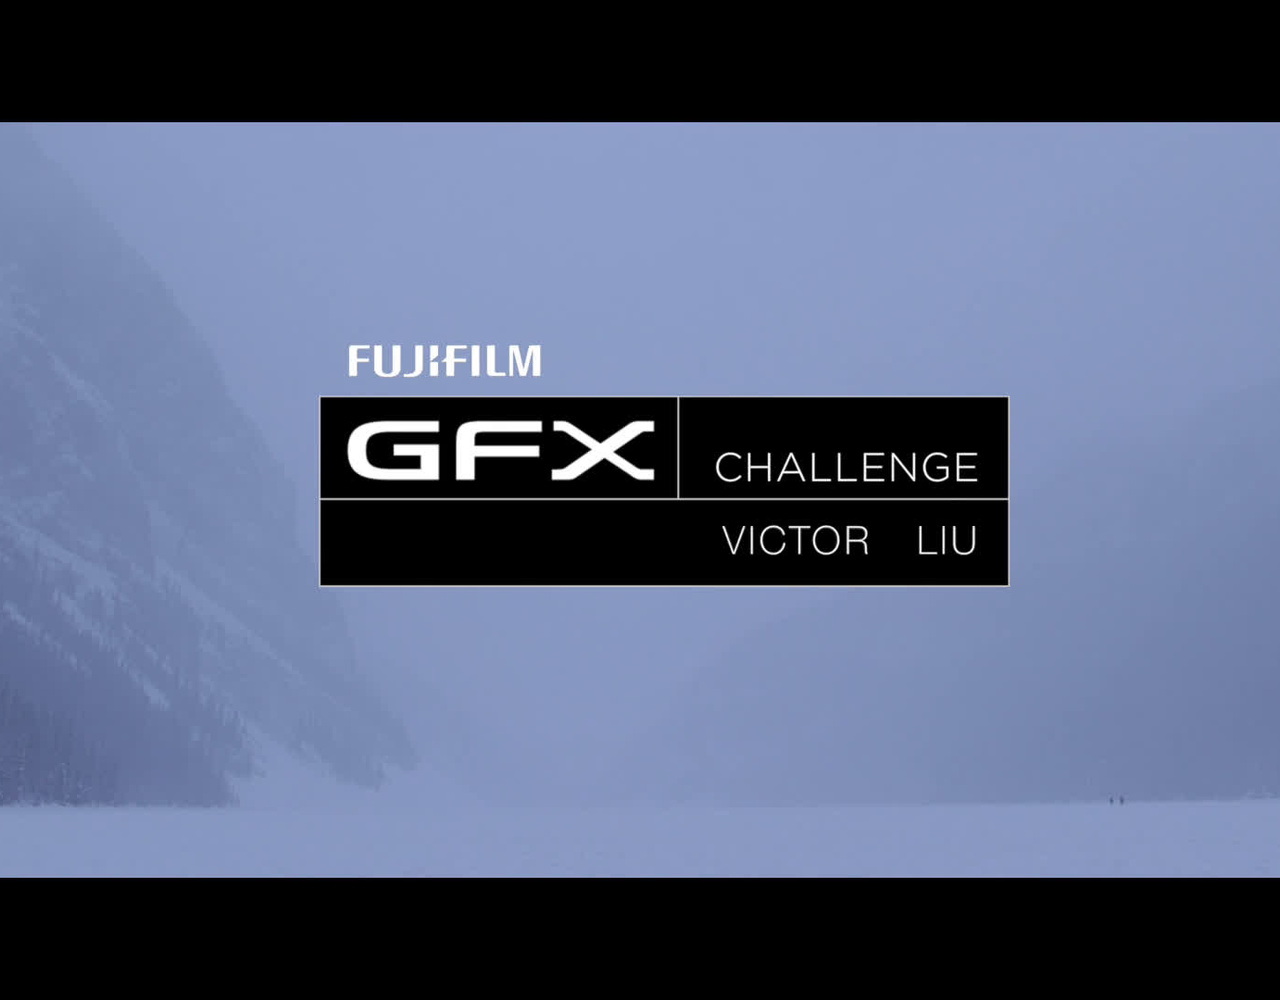 富士相机官方宣传视频GFX challenges with Victor Liu - FUJIFILM